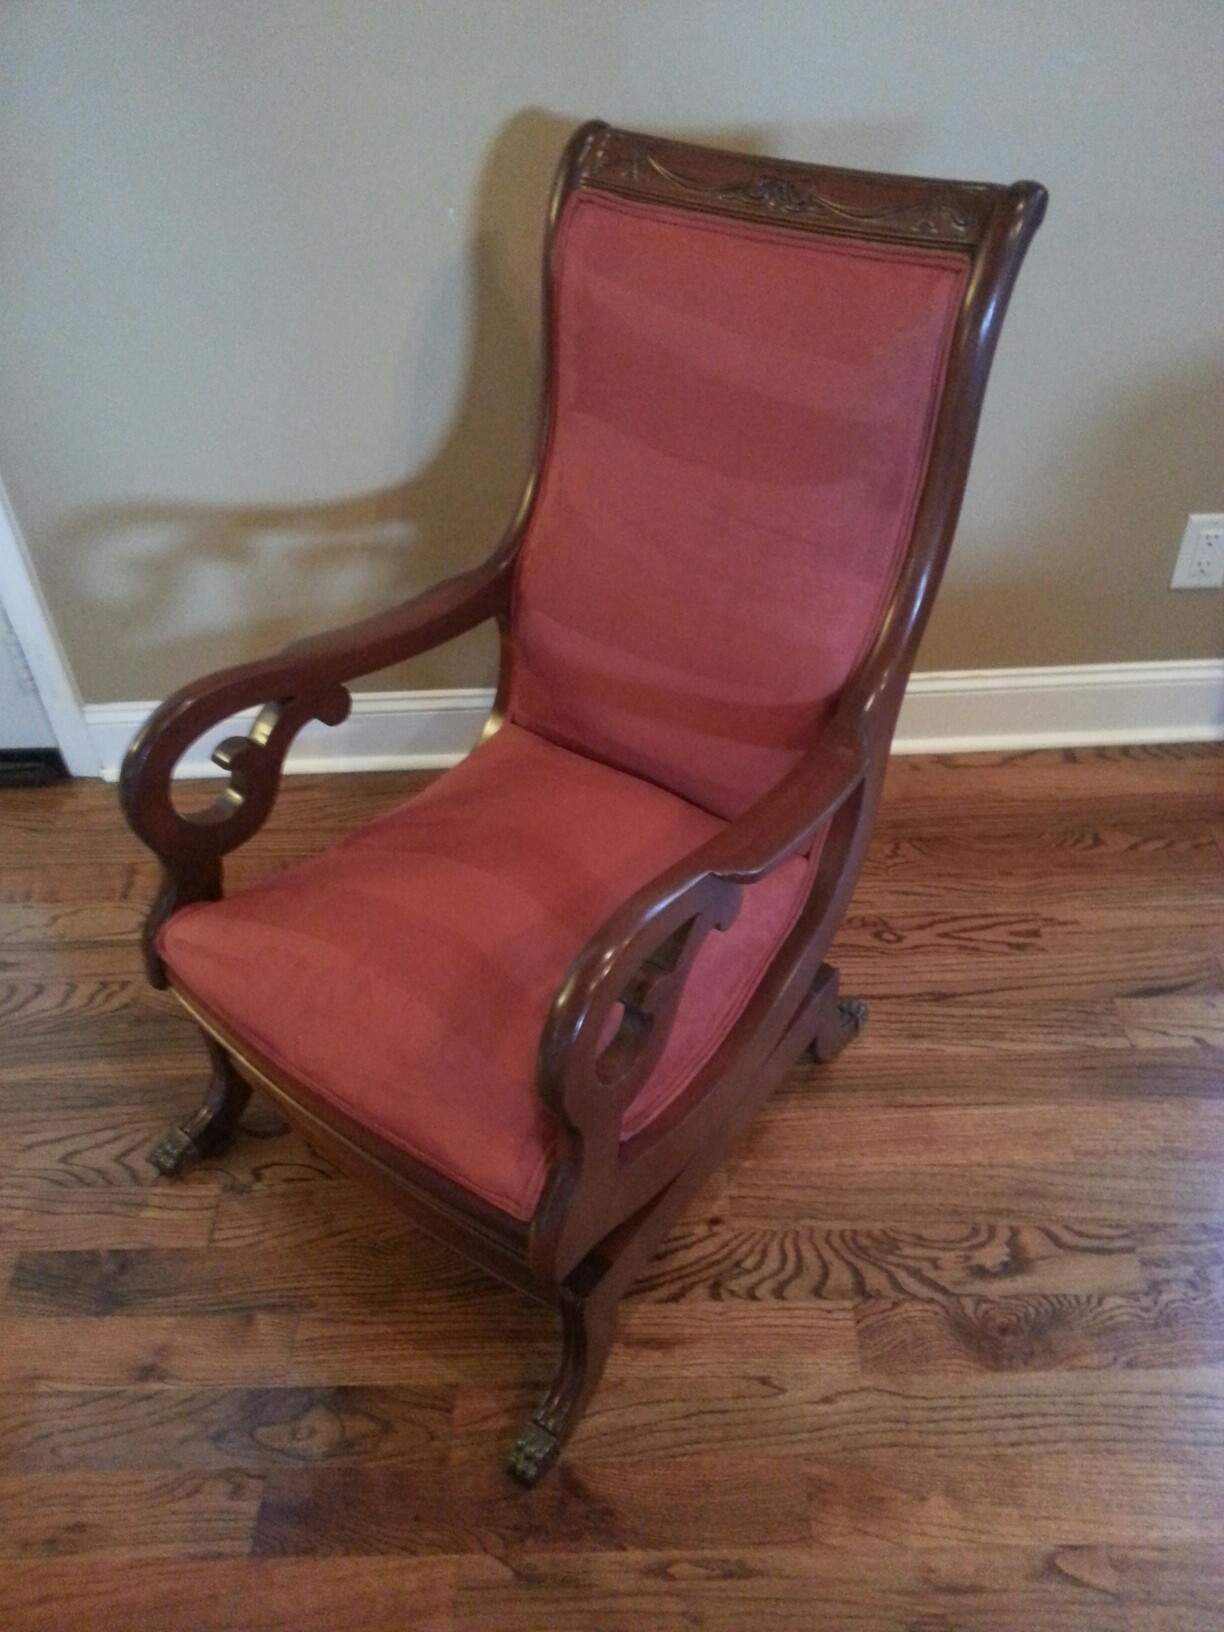 Superbe McCracken Furniture Repair U0026 Refinishing 3615 S Goodlett St Ste 103, Memphis,  TN 38118   YP.com